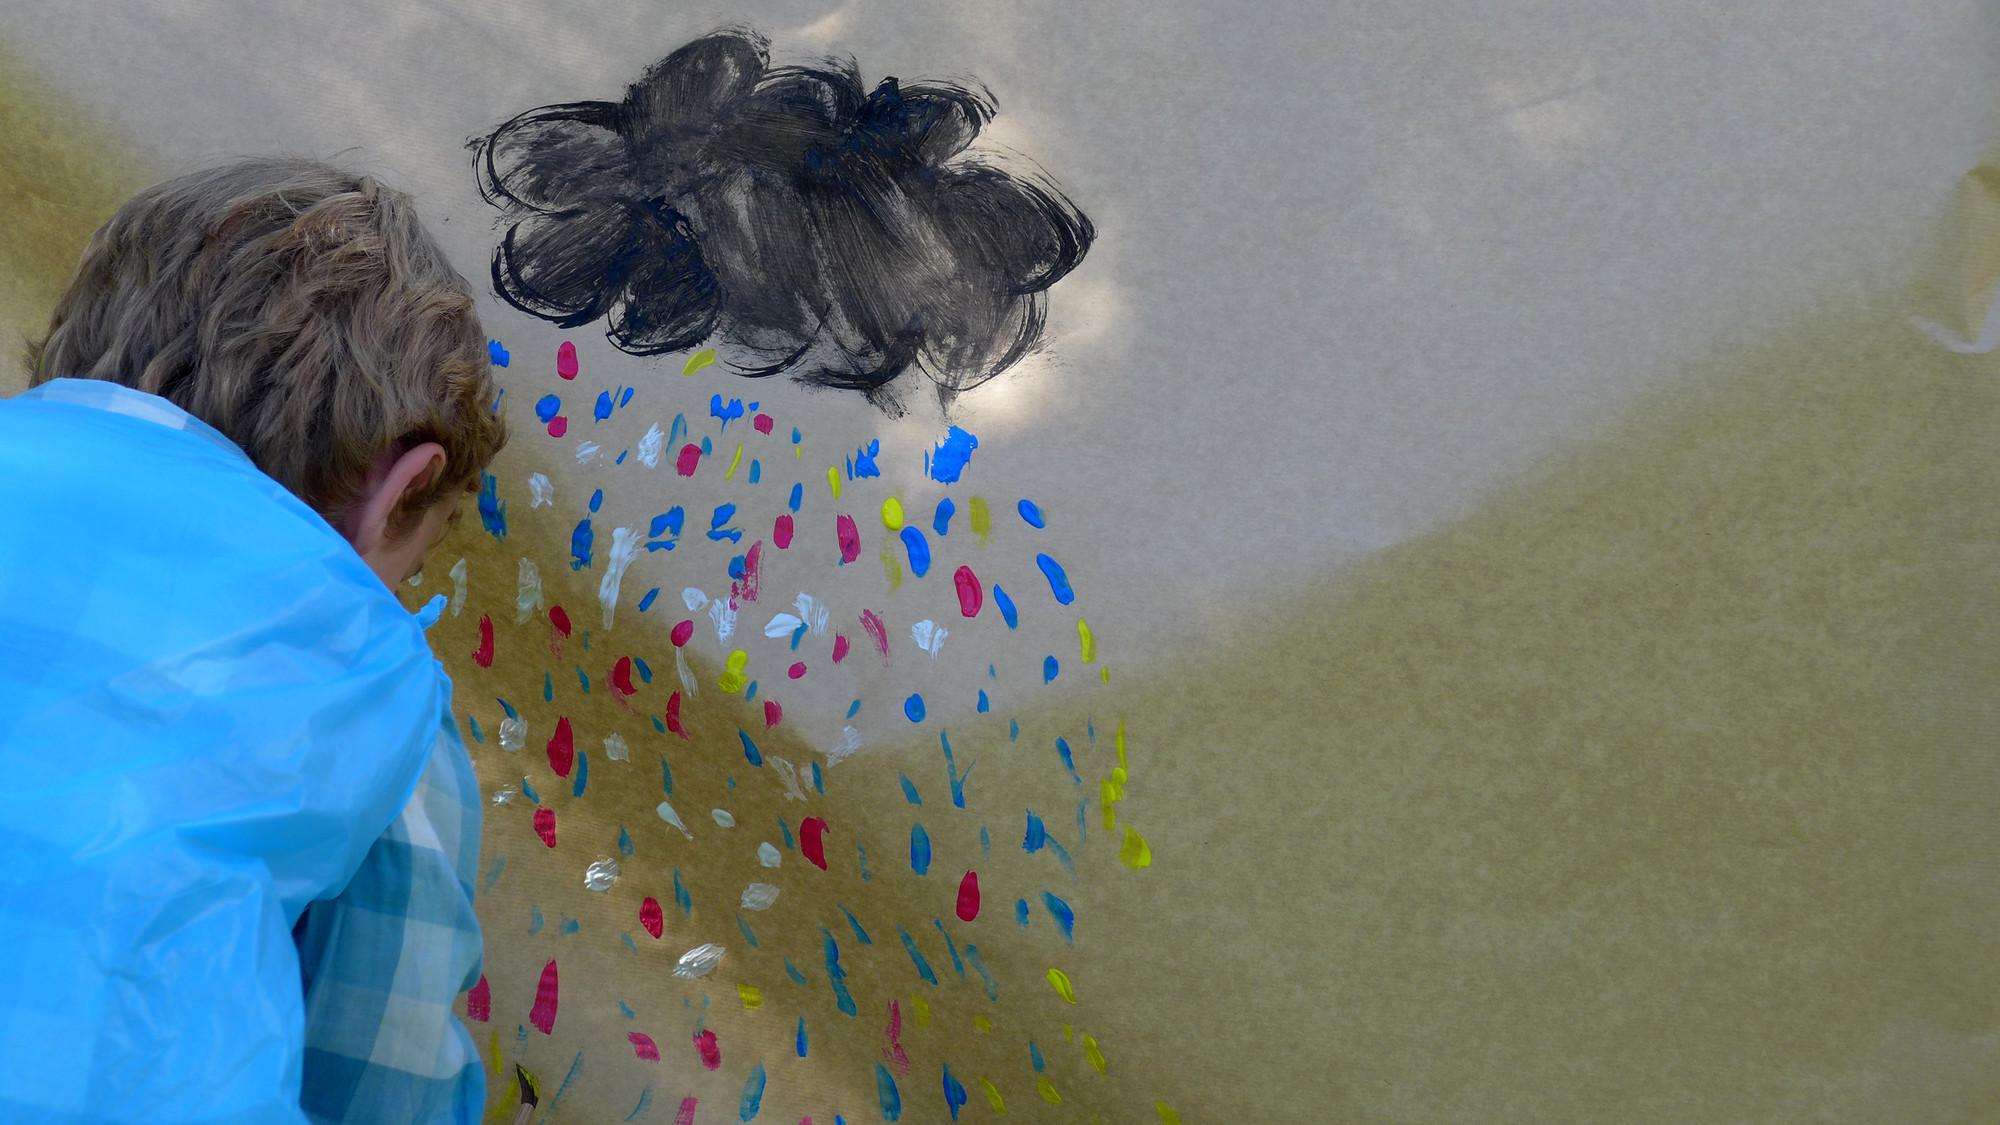 Refugios + emociones: propuesta de Claudia, Lucas y Marco  7, 9 y 8 años respectivamente. Image © Elena Martínez